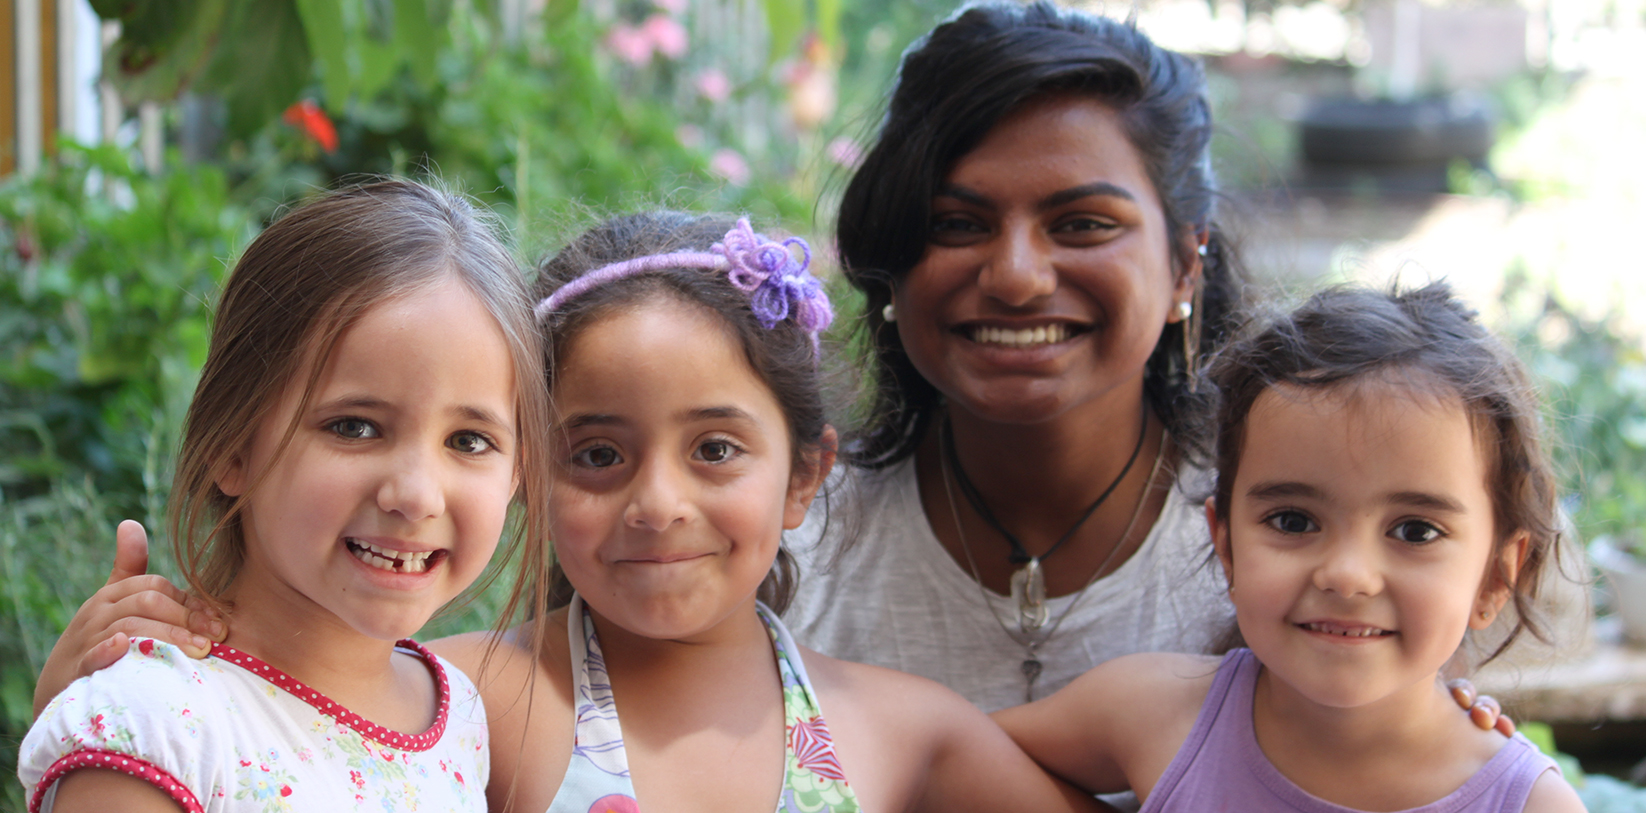 girls-anisha.jpg